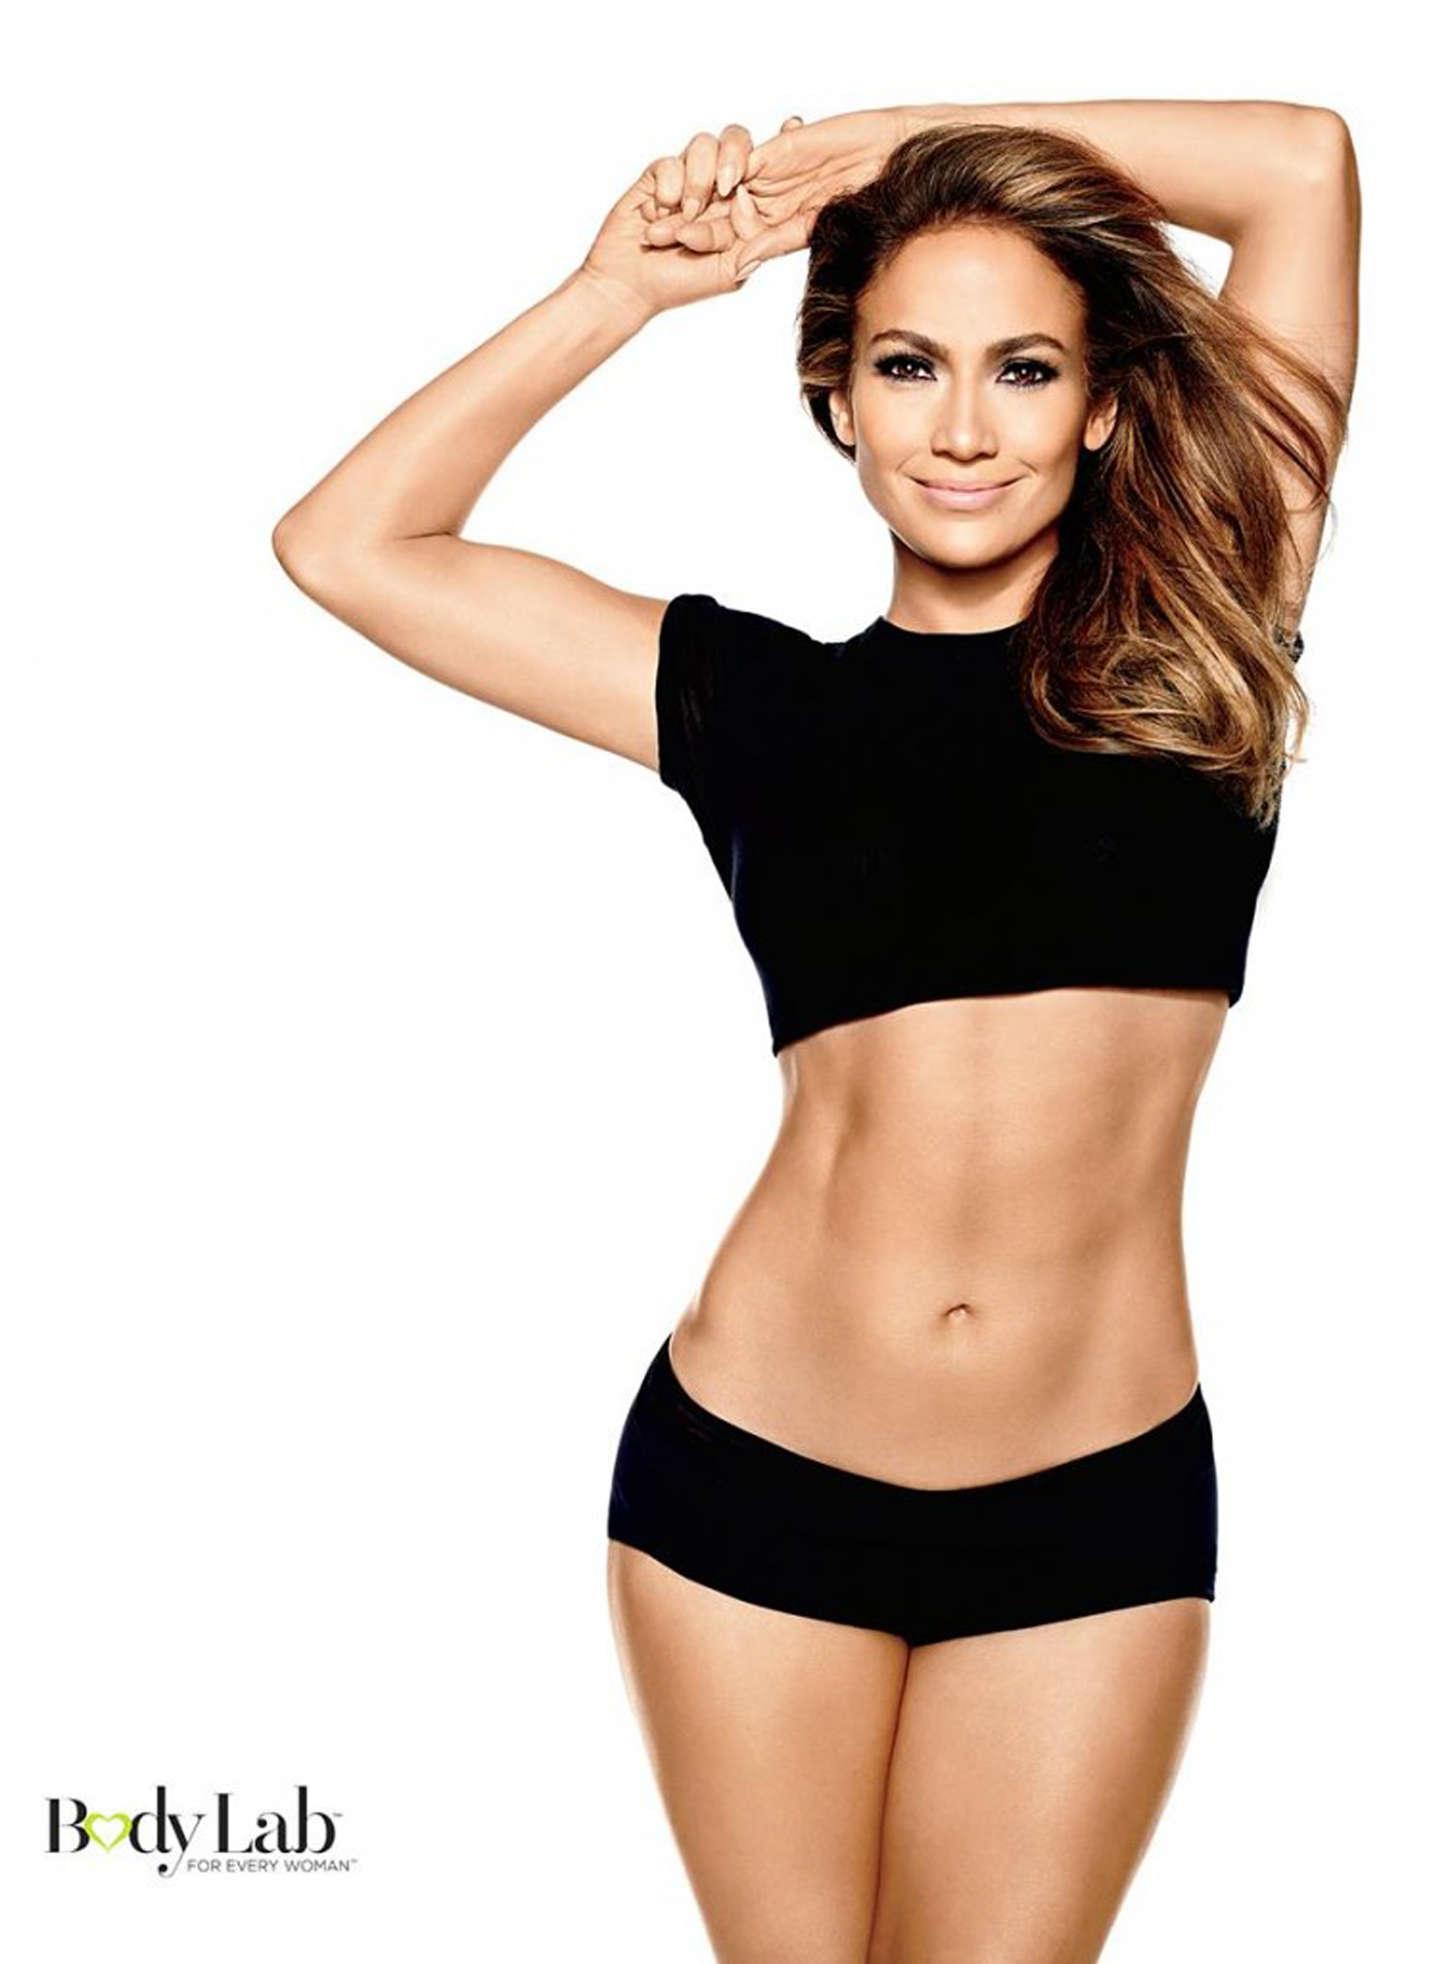 Jennifer Lopez Bodylab Amp Endless Campaigns For Sharper